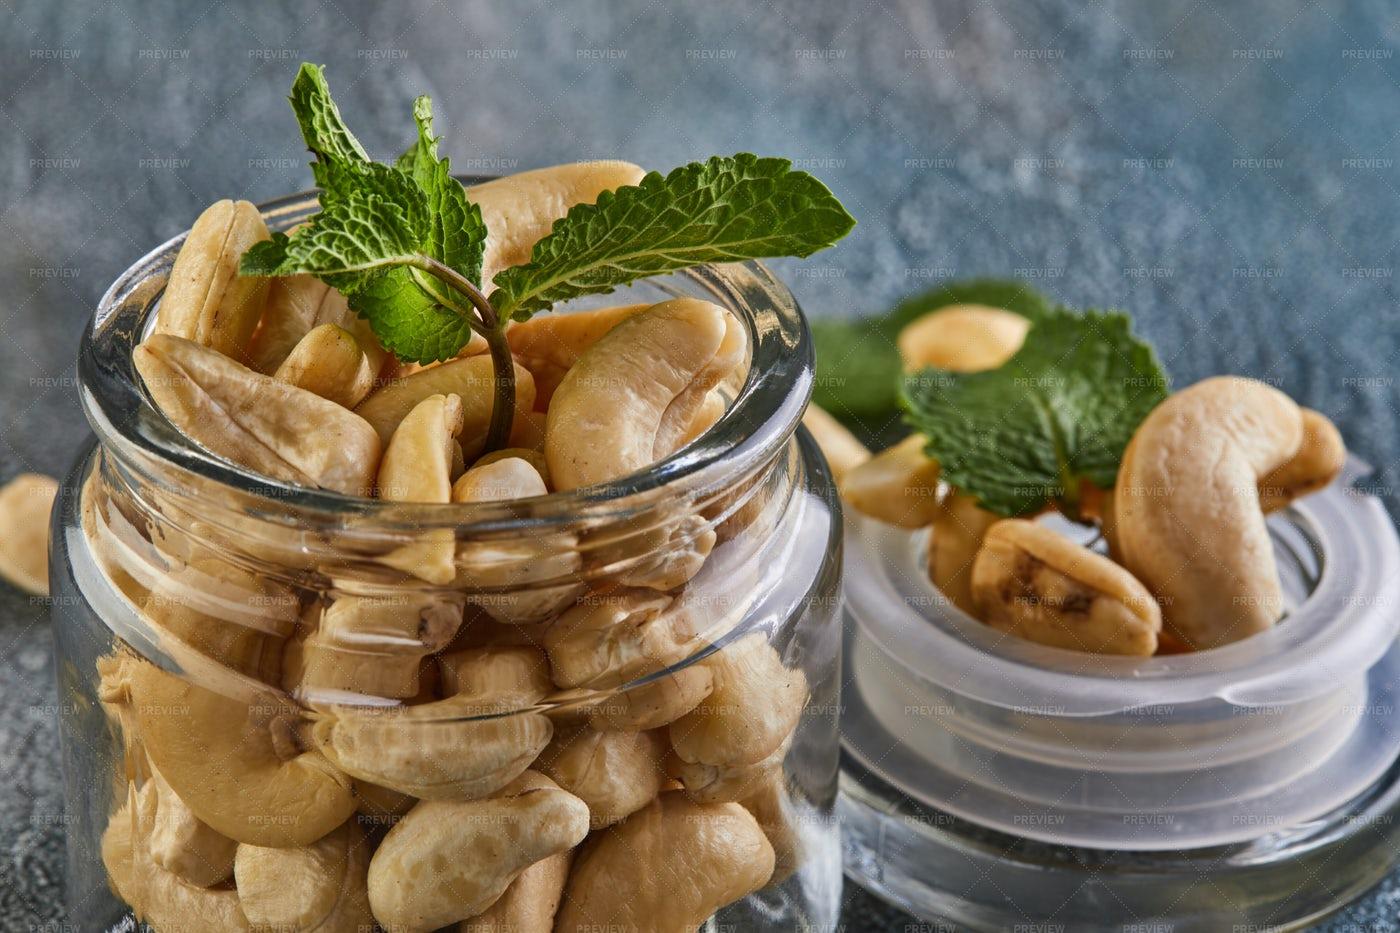 Cashew In A Transparent Jar: Stock Photos